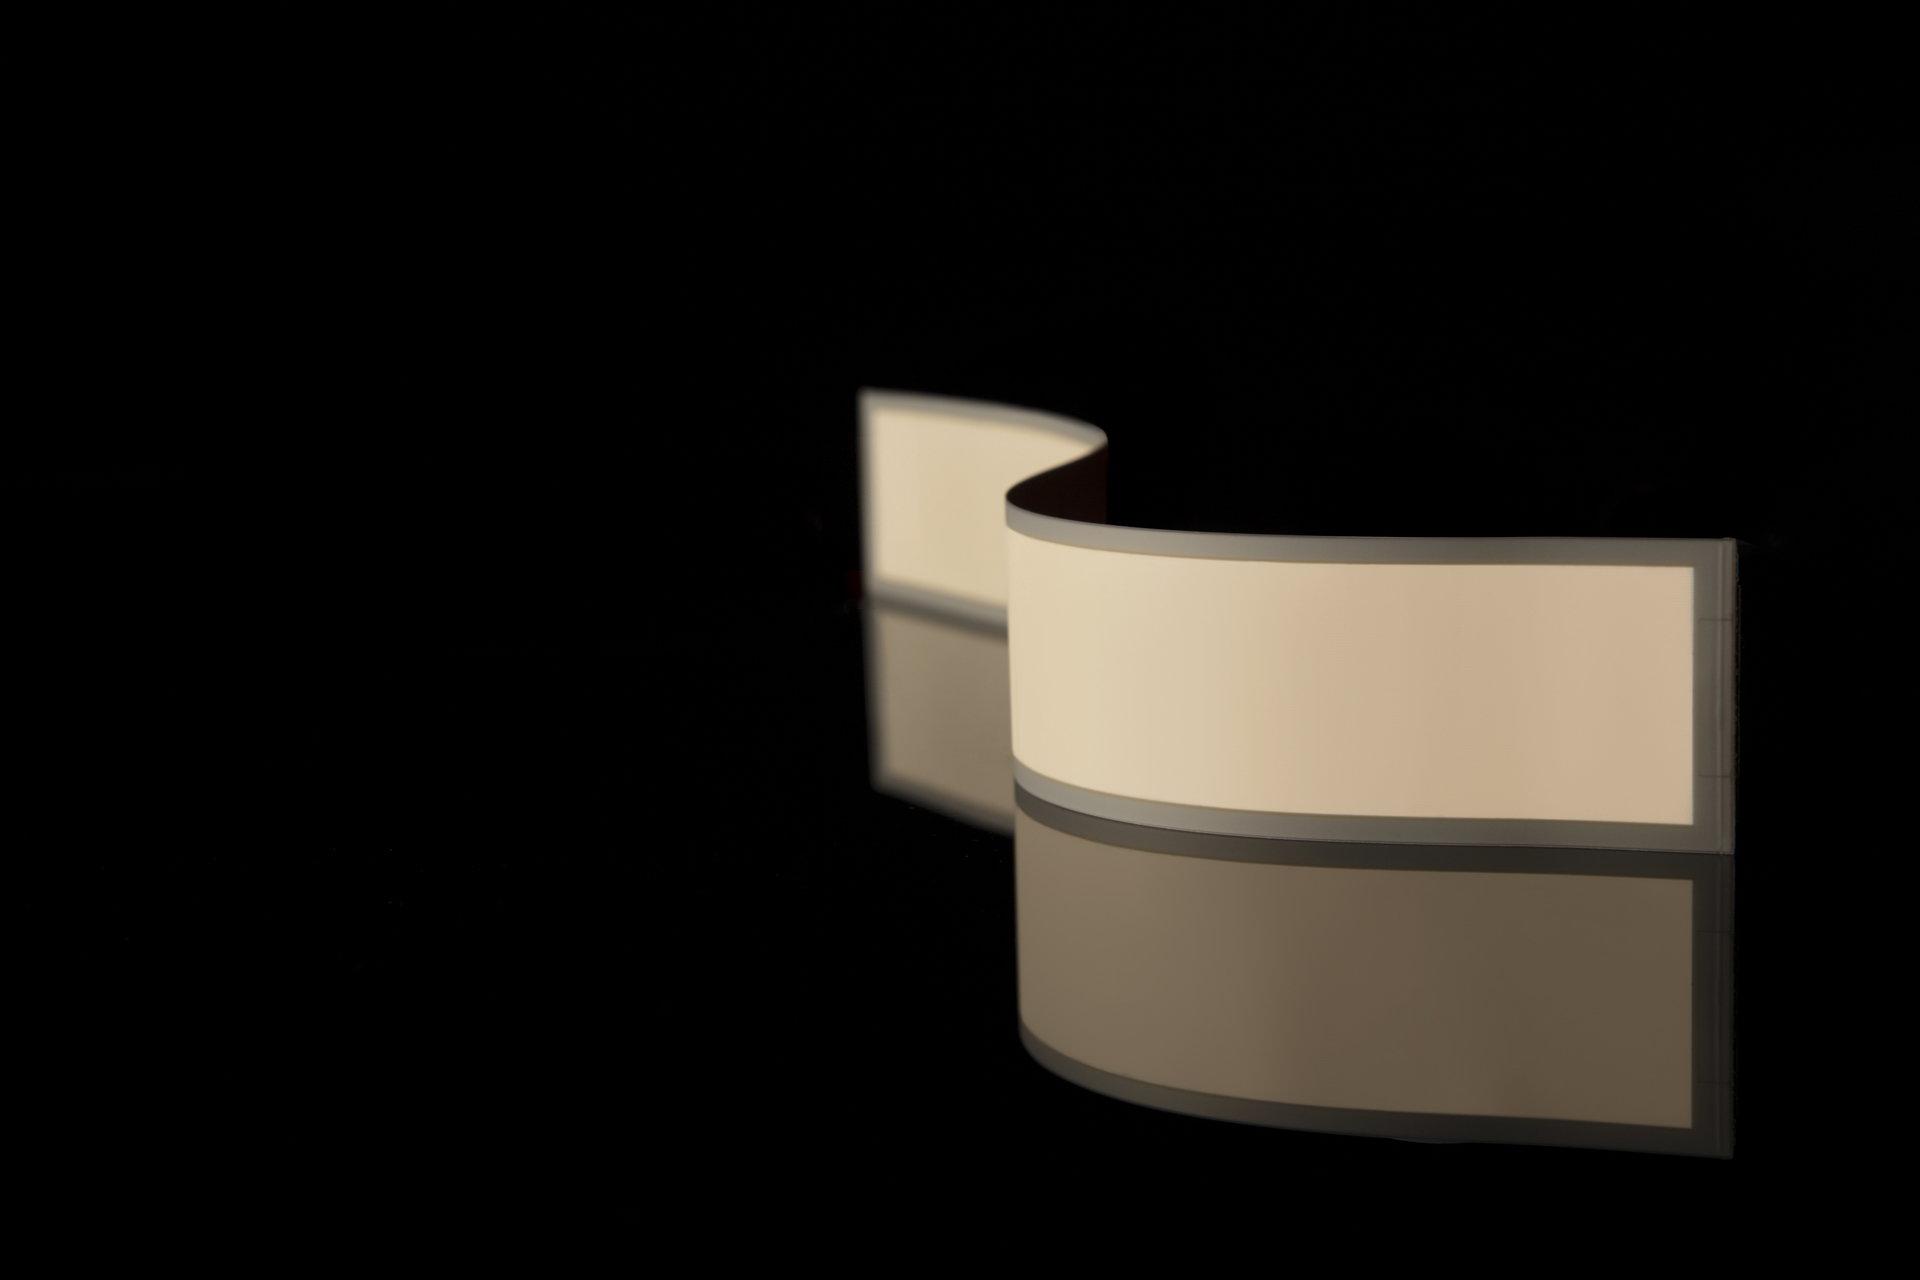 Jeszcze więcej paneli OLED - firma LG Display rozwija rynek oświetlenia